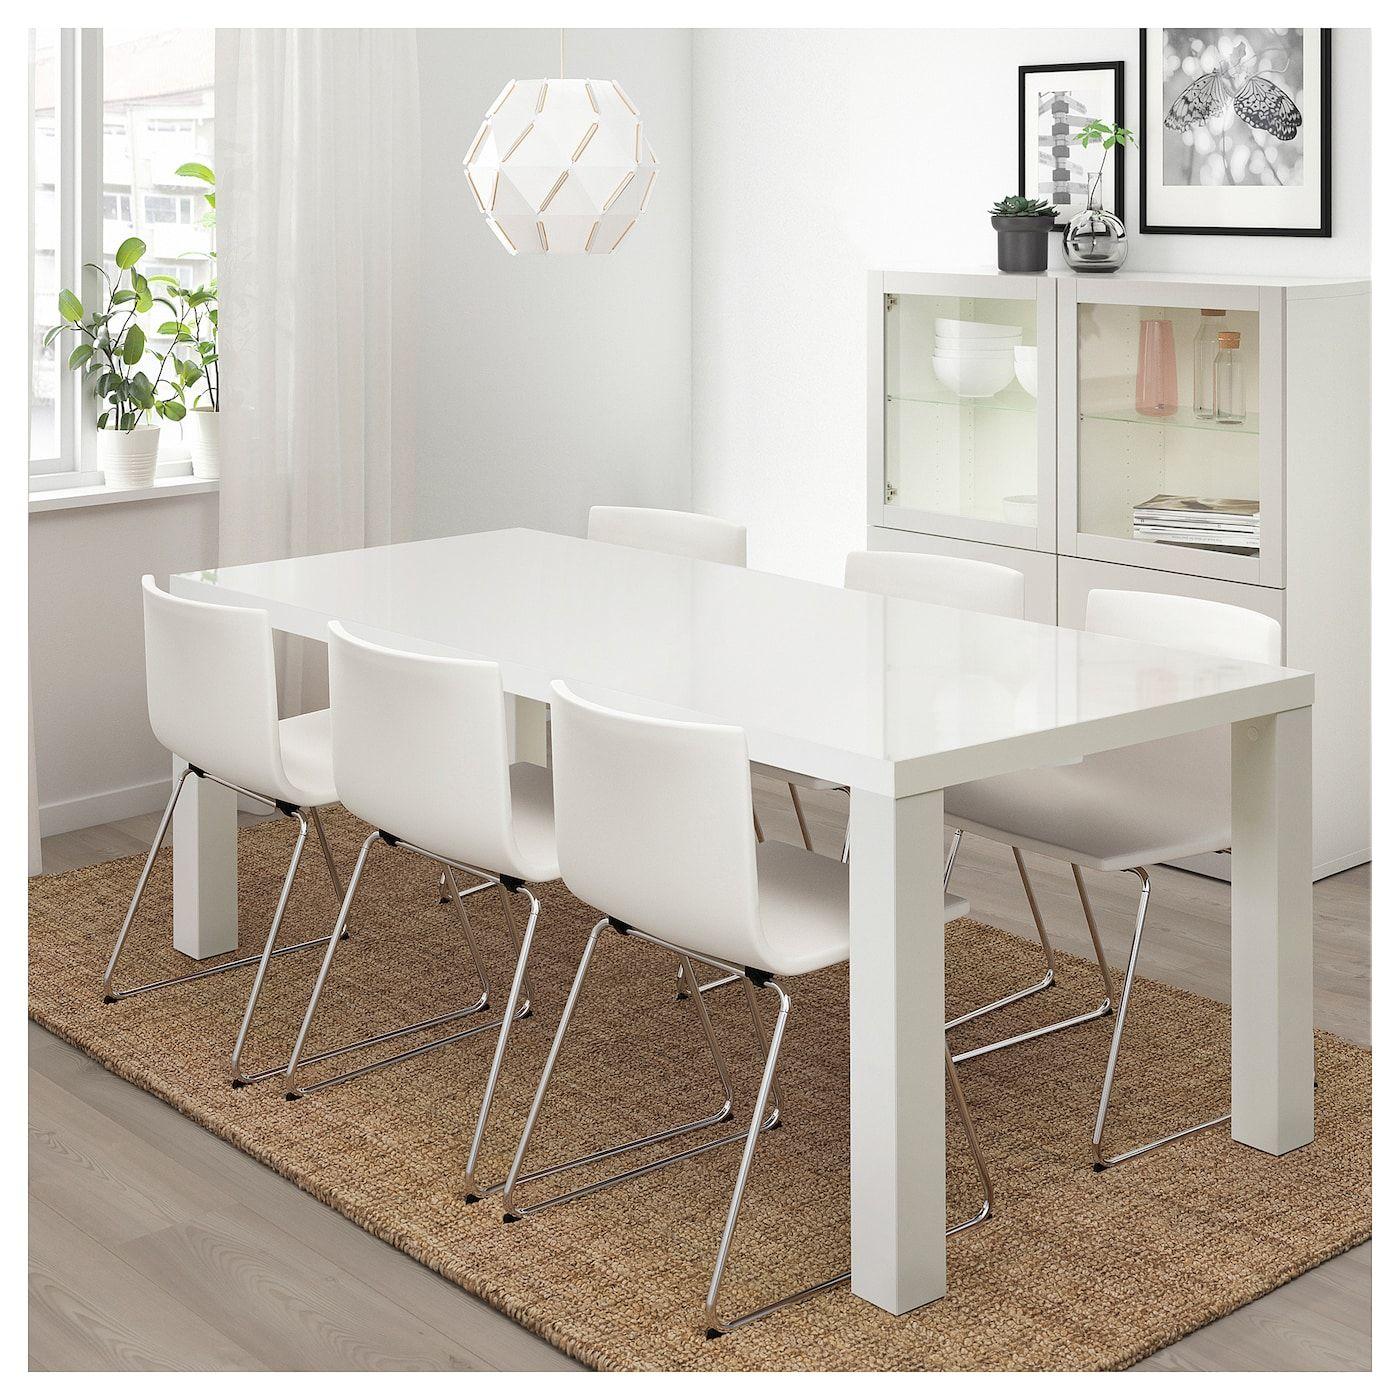 Hoogglans Tafel Met Stoelen.Toresund Tafel Ikea Tafel Ikea En Placemats